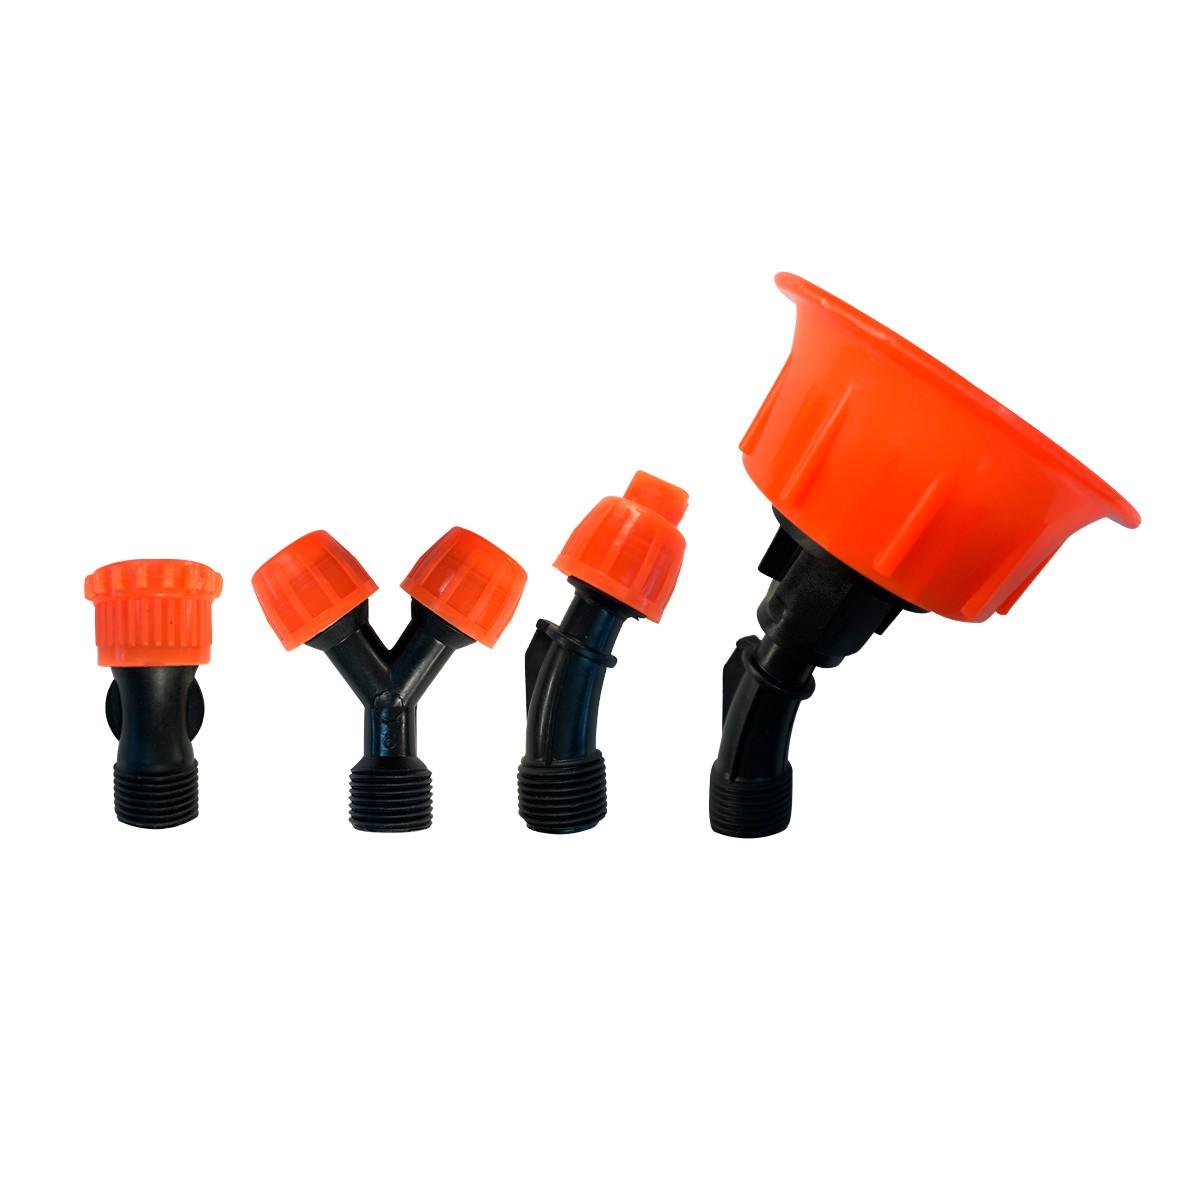 Kit de Bicos (leque, cônico em Y, chuveiro e chuveirinho) Universal